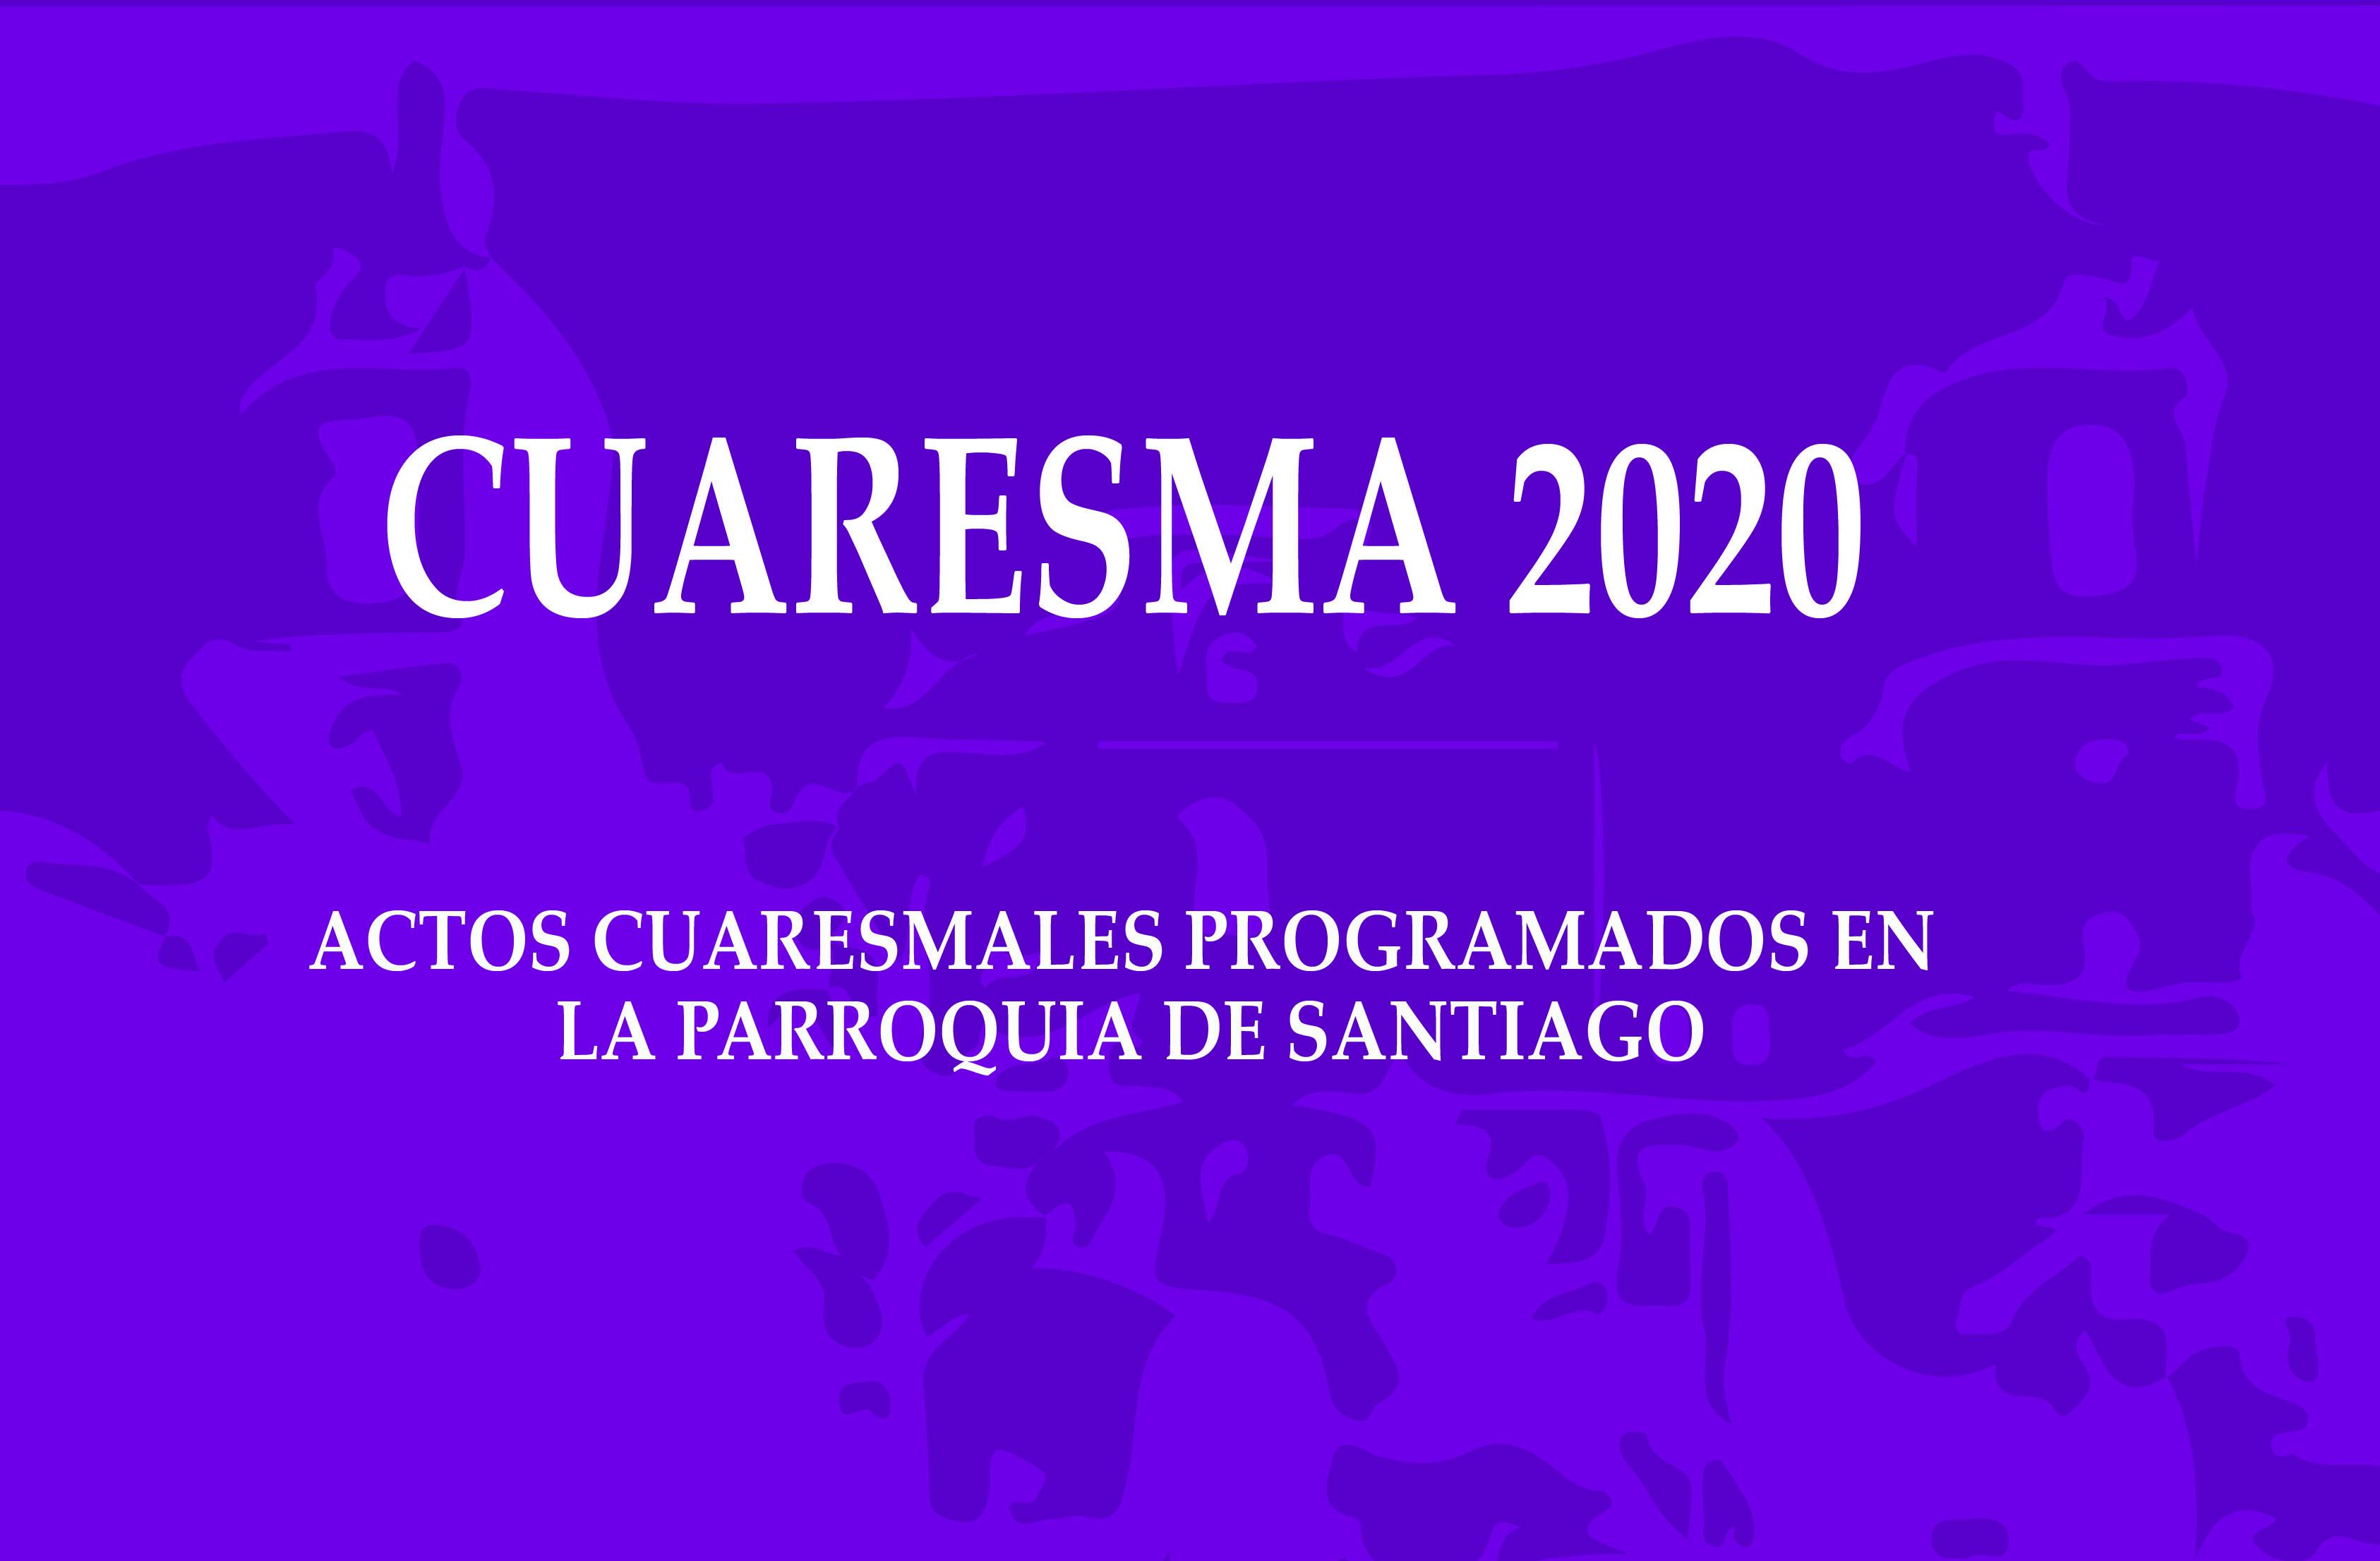 Cuaresma 2020. Parroquia De Santiago